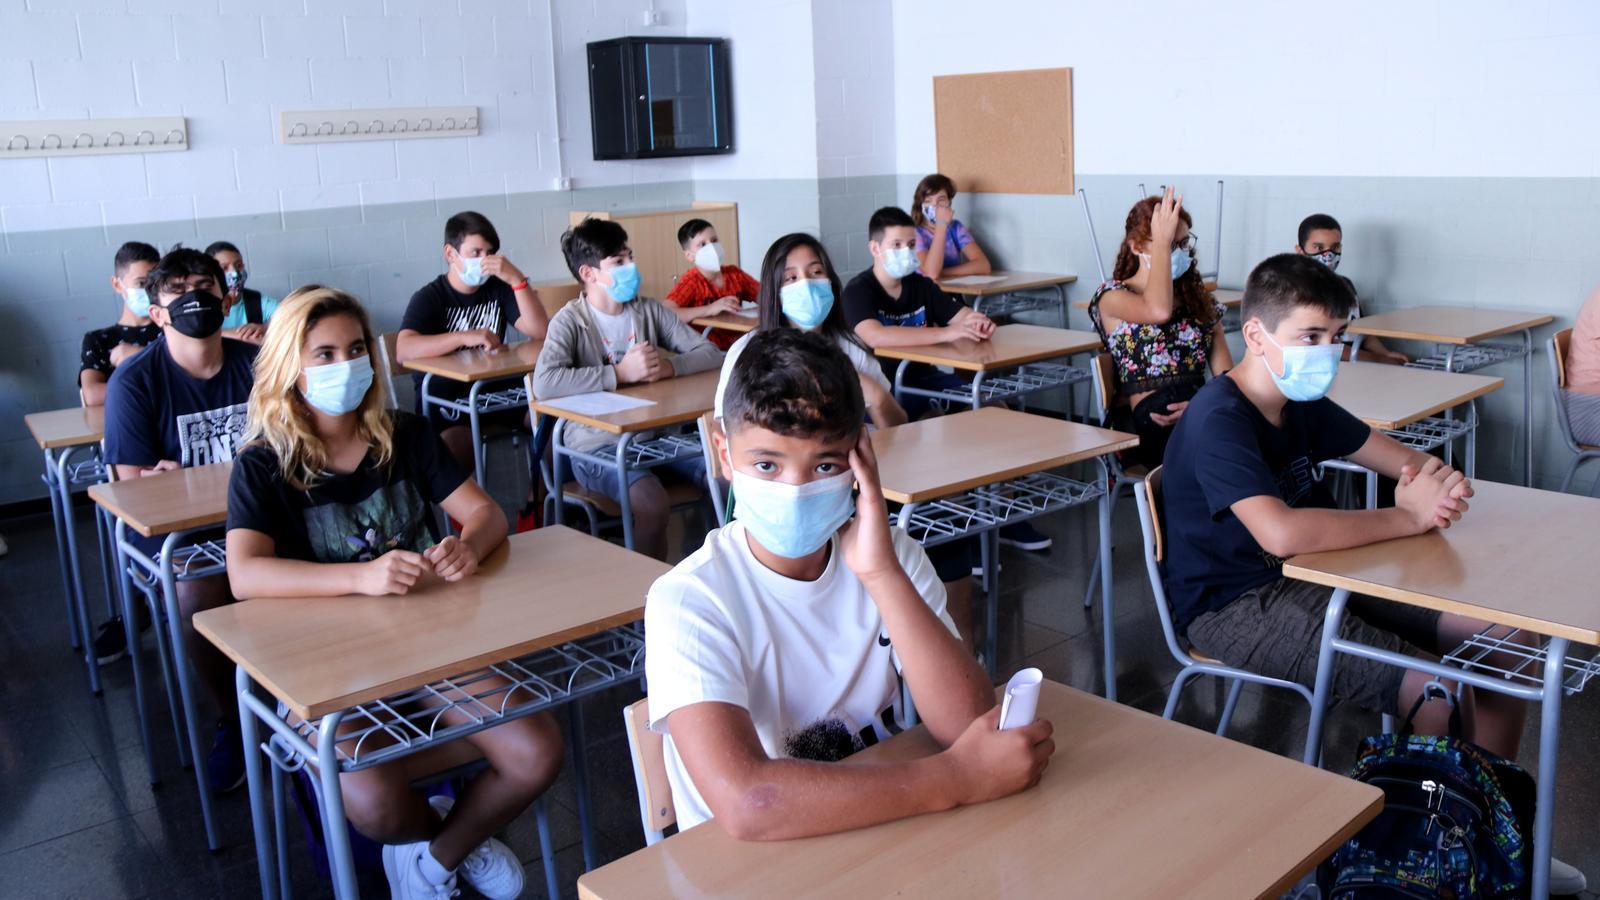 Els docents hauran de vigilar que els alumnes d'ESO es prenguin bé les automostres